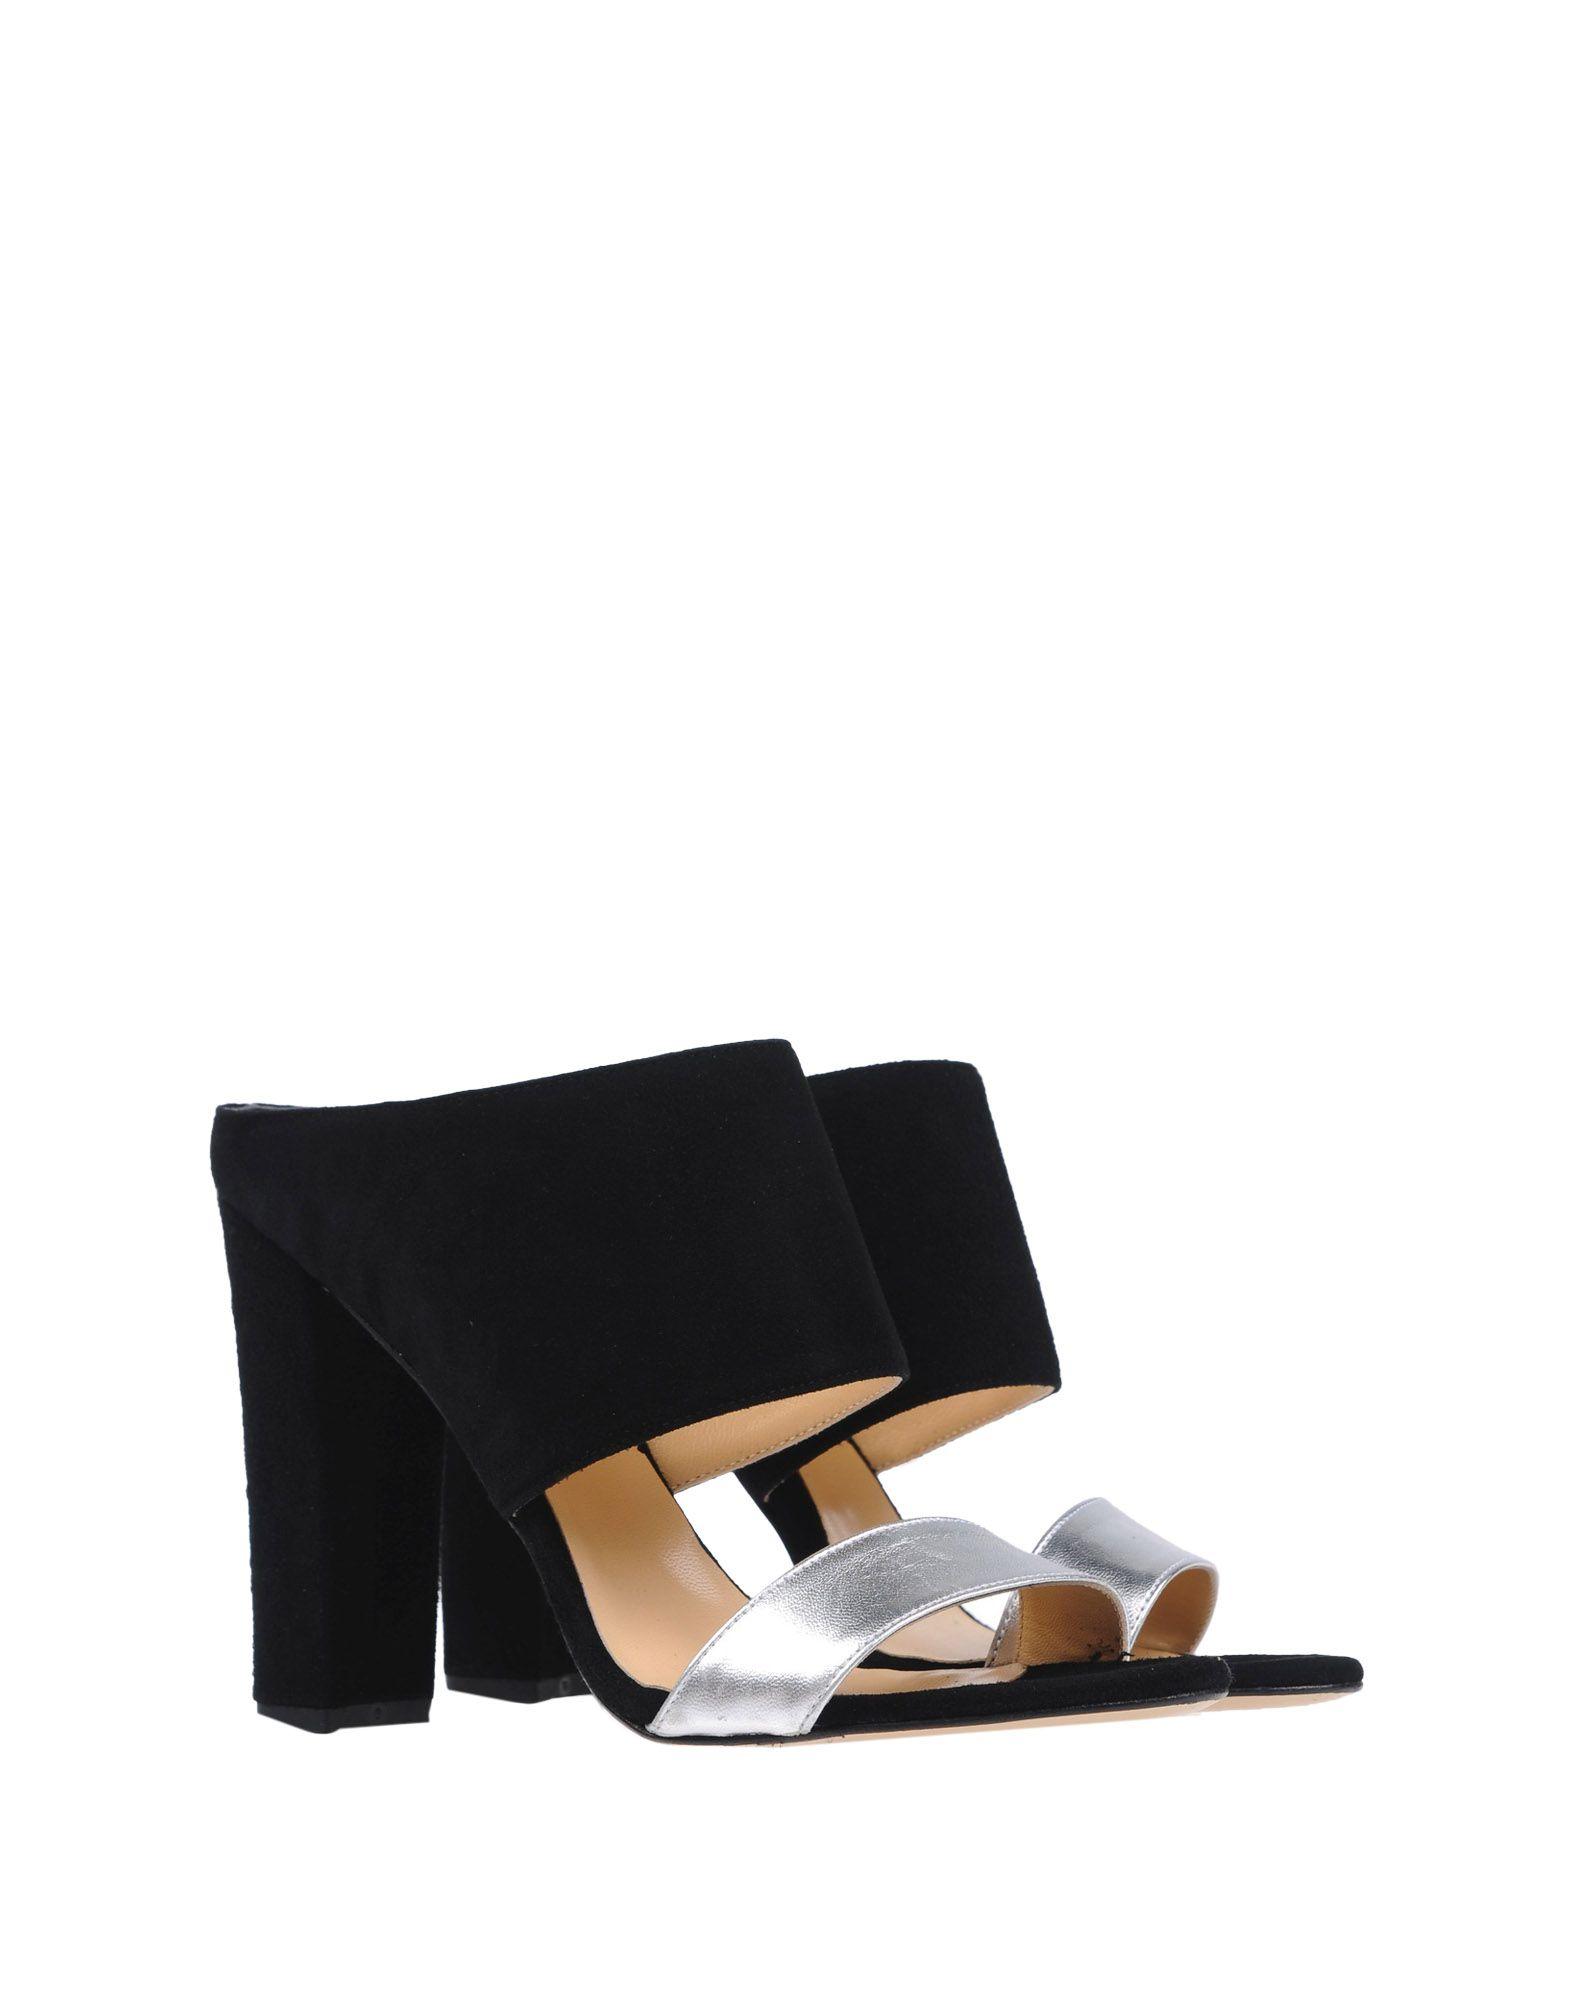 Jan Pierre Sandalen Damen  11226514KA Gute Schuhe Qualität beliebte Schuhe Gute 16c981